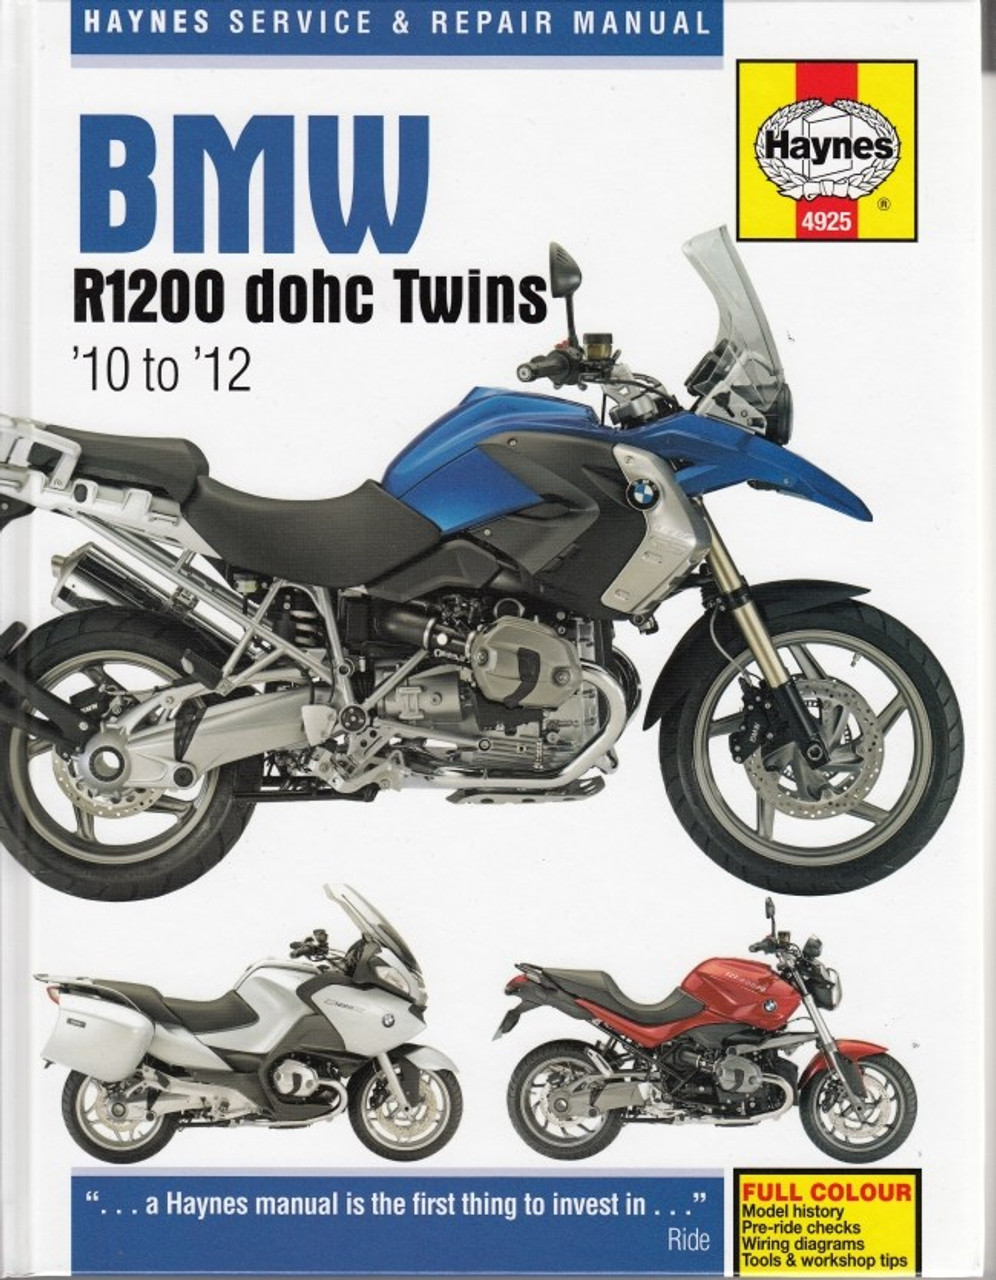 medium resolution of bmw r1200 dohc twins 2010 2012 workshop manual 2010 bmw r1200rt wiring diagram